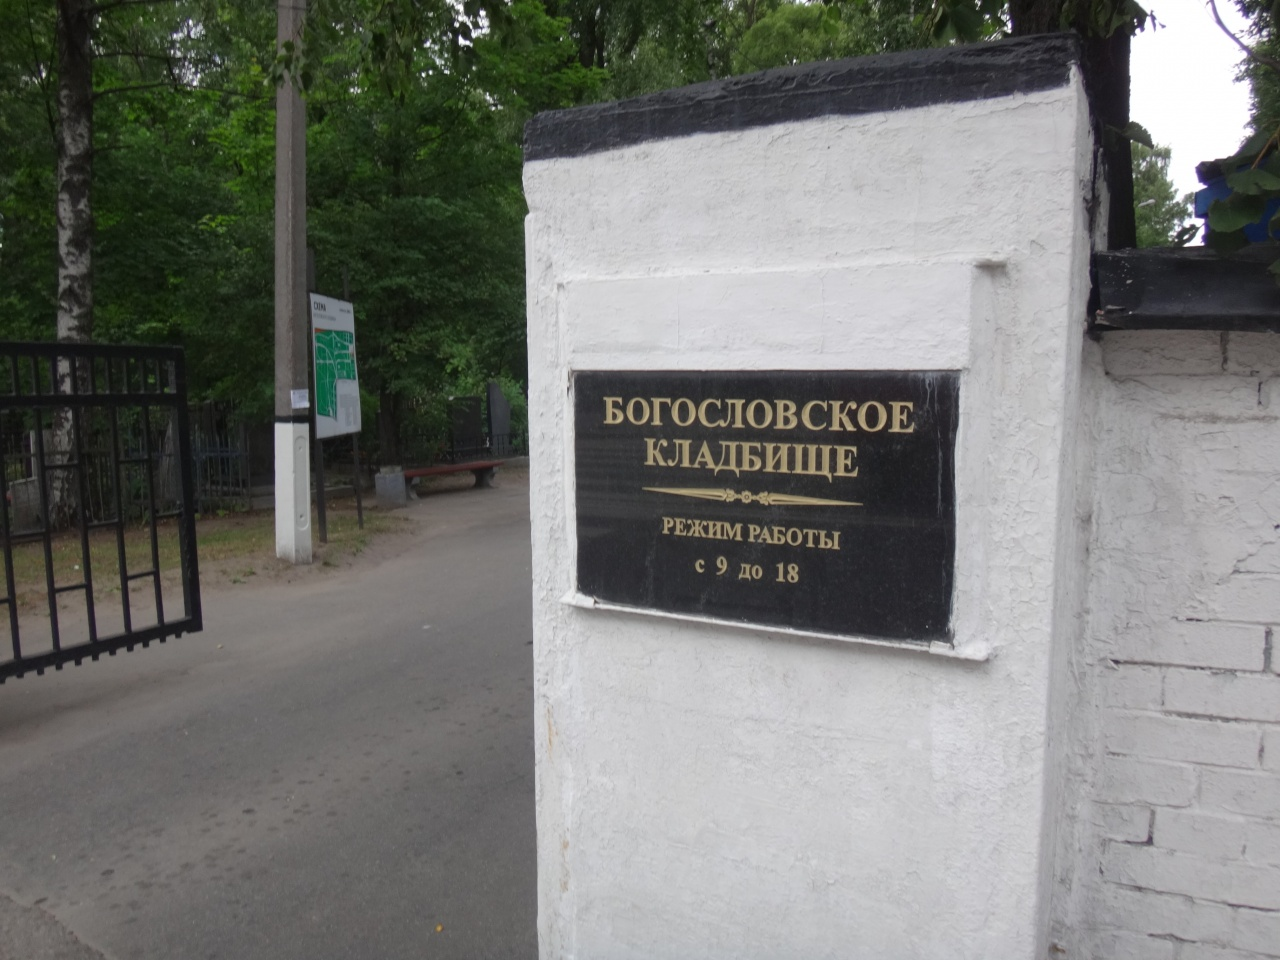 фото ЗакС политика УФАС выявило сговор на торгах по освещению Богословского кладбища